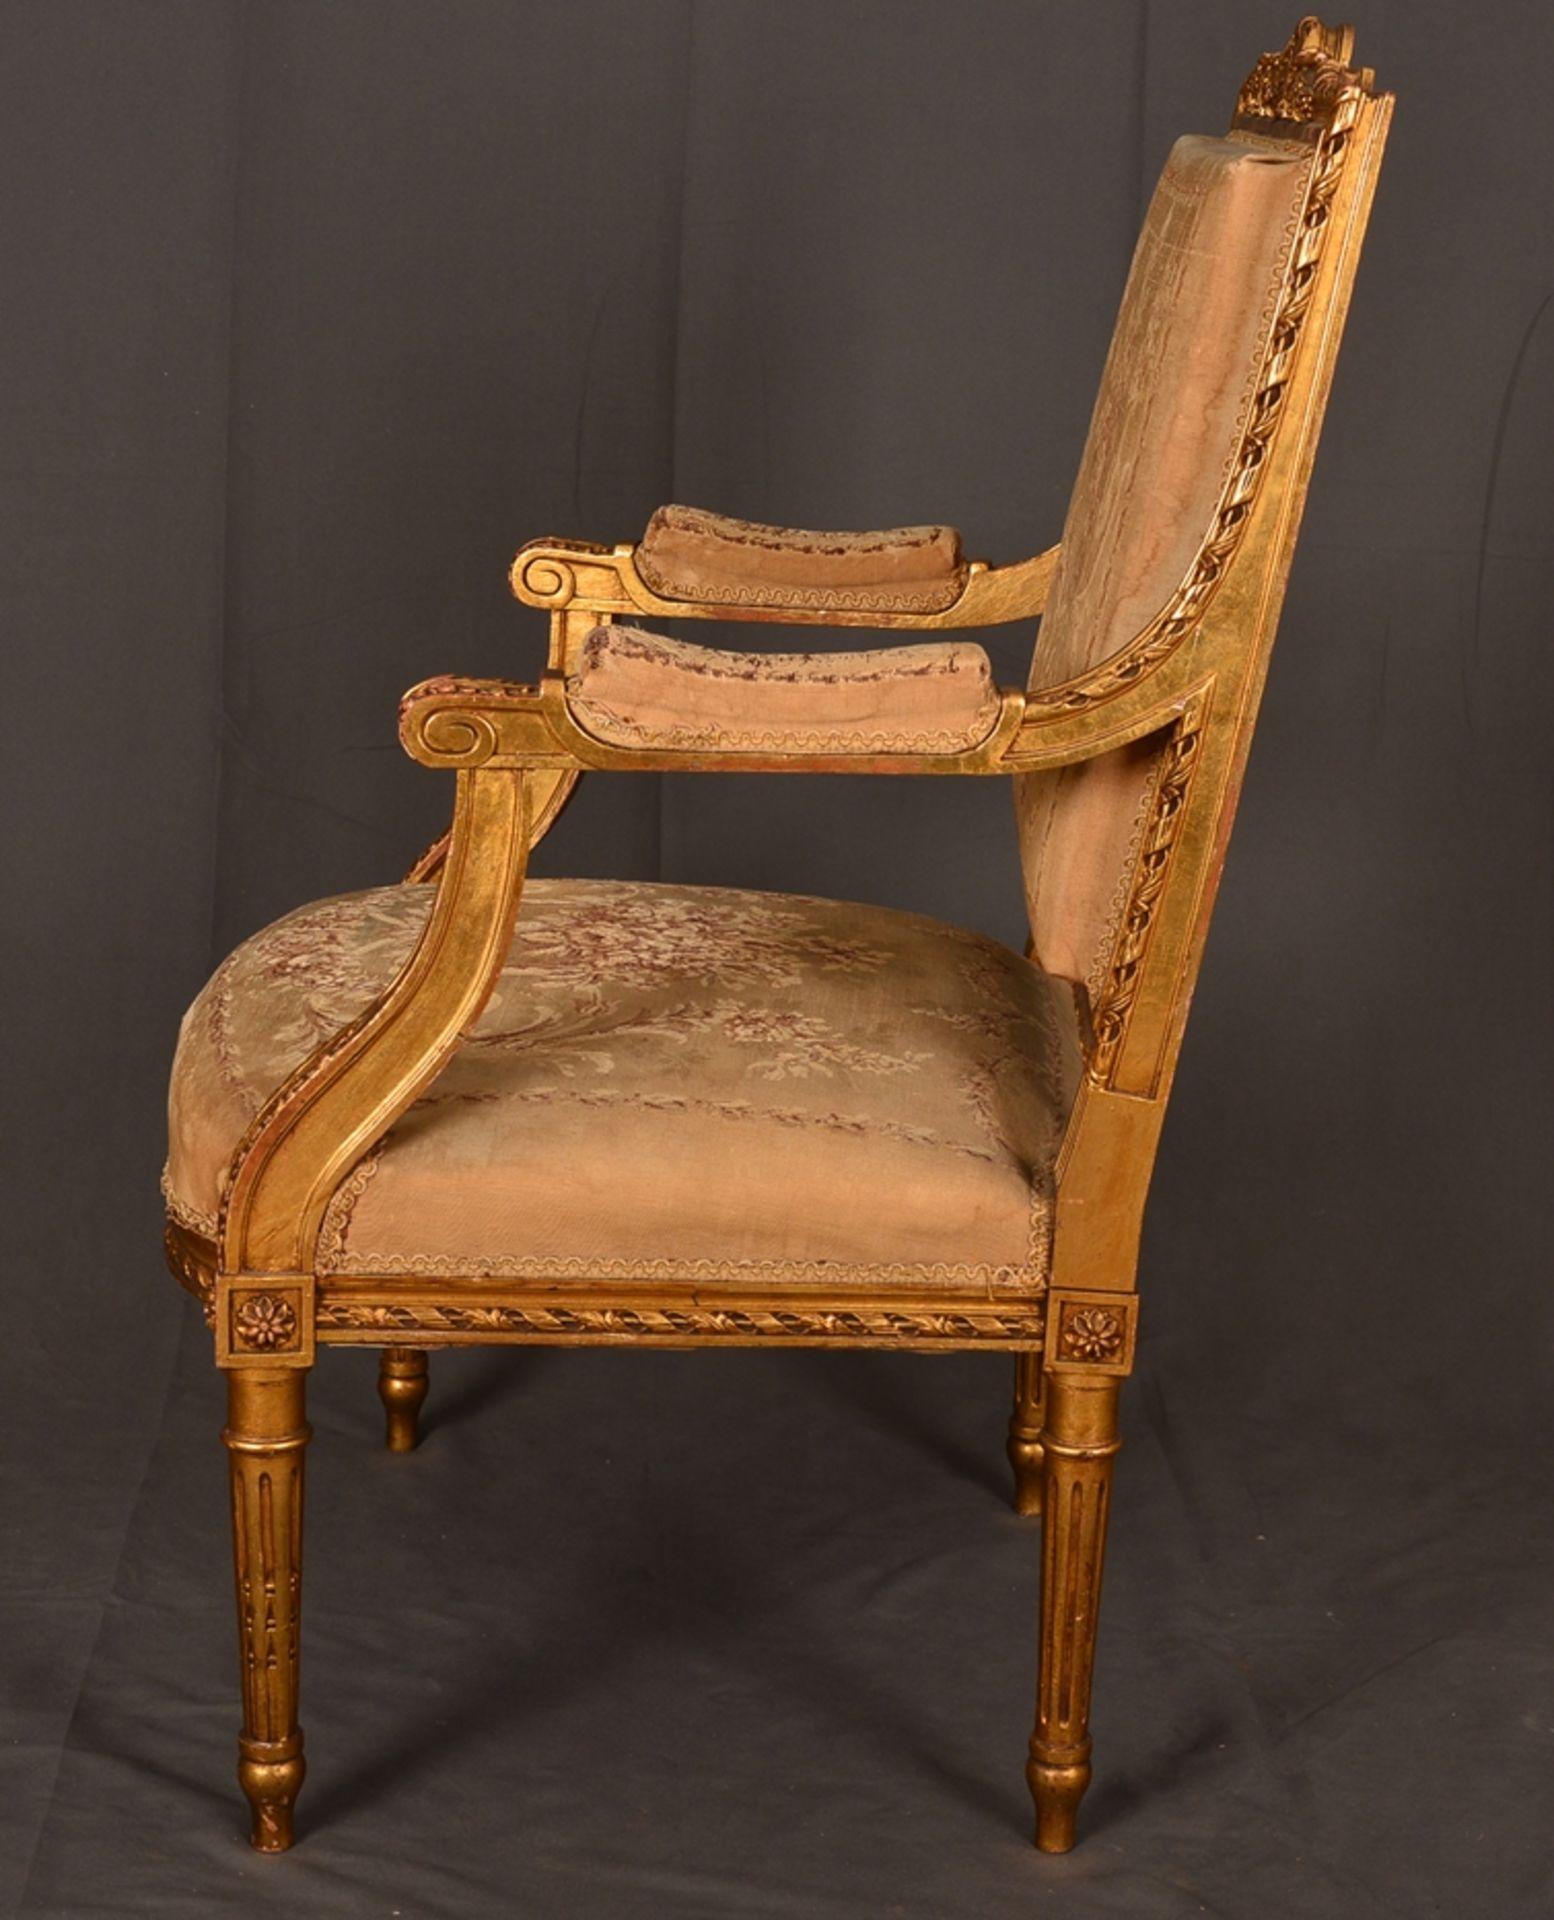 Eleganter Armlehnstuhl sog. Fauteuil, Louis XVI-Stil, Frankreich um 1890, originale Stoffbespannung, - Bild 9 aus 12